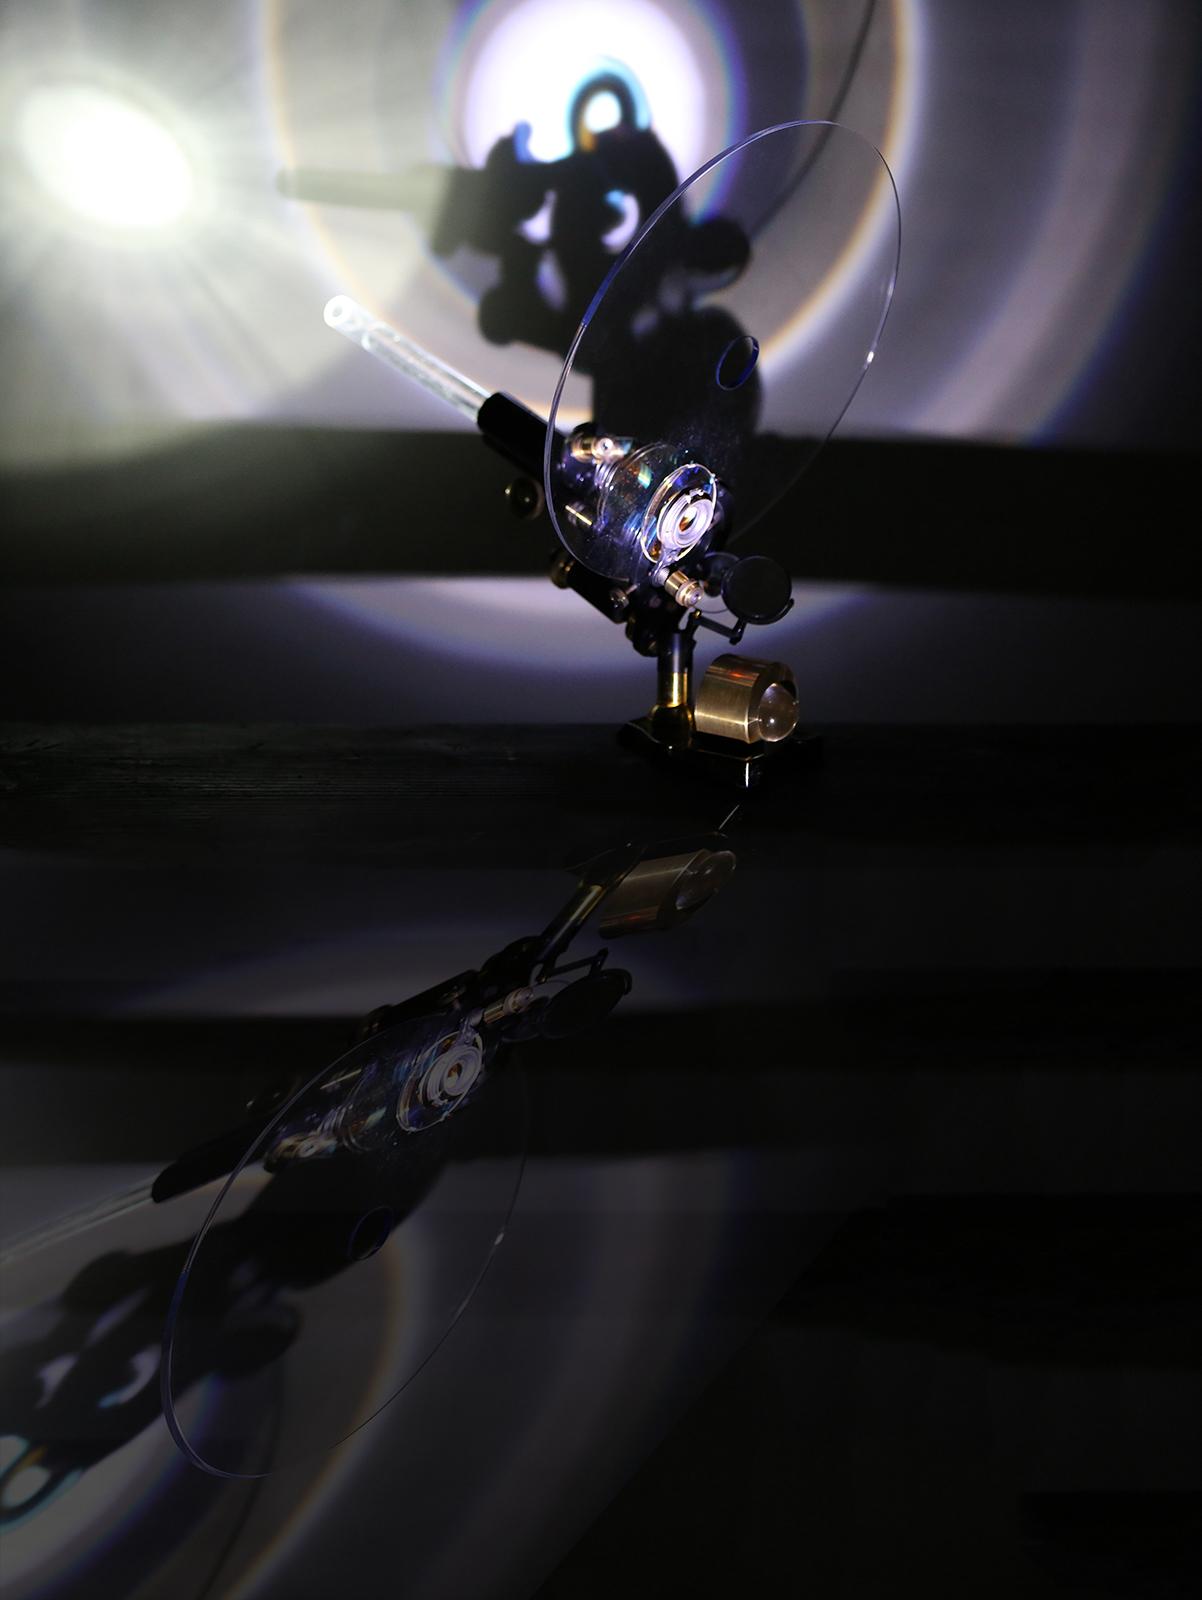 Armi percettive black - 1 - Stefano Russo